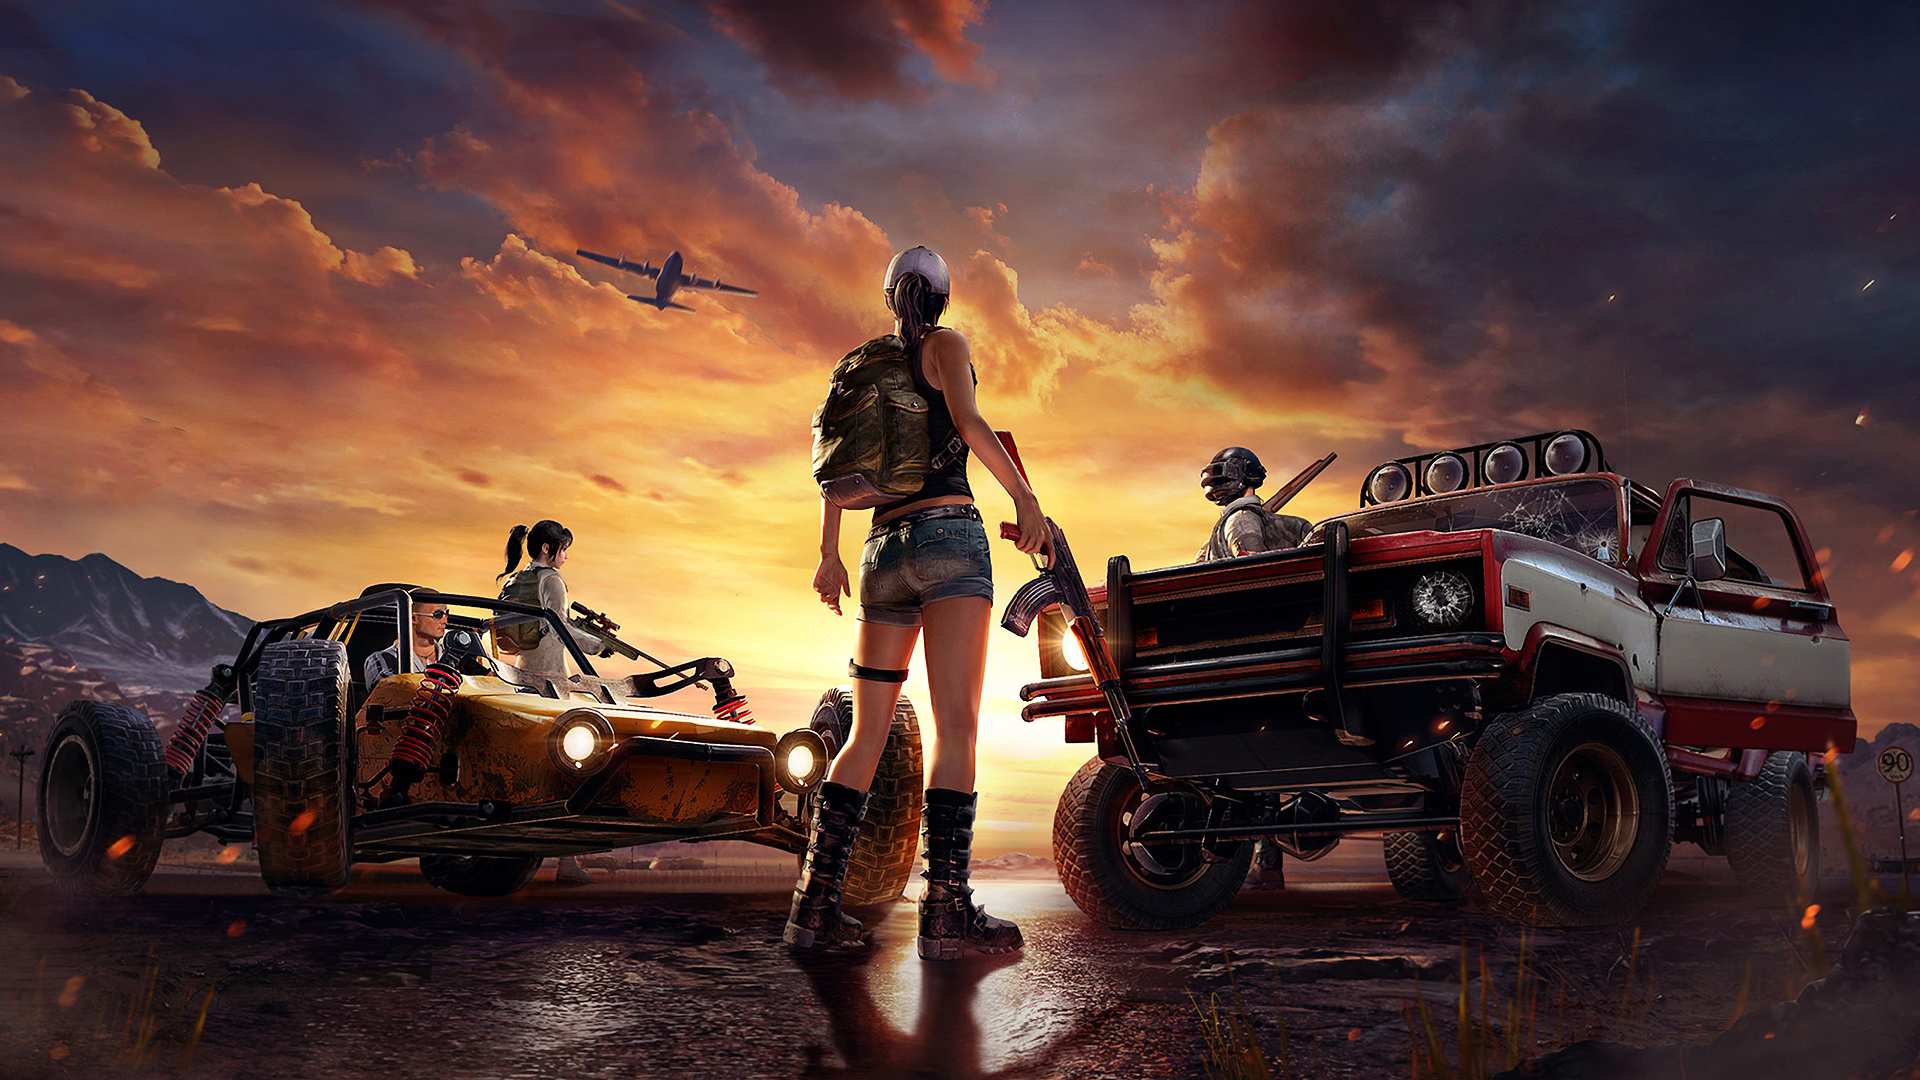 Playerunknowns Battlegrounds Art Hd Games 4k Wallpapers Images